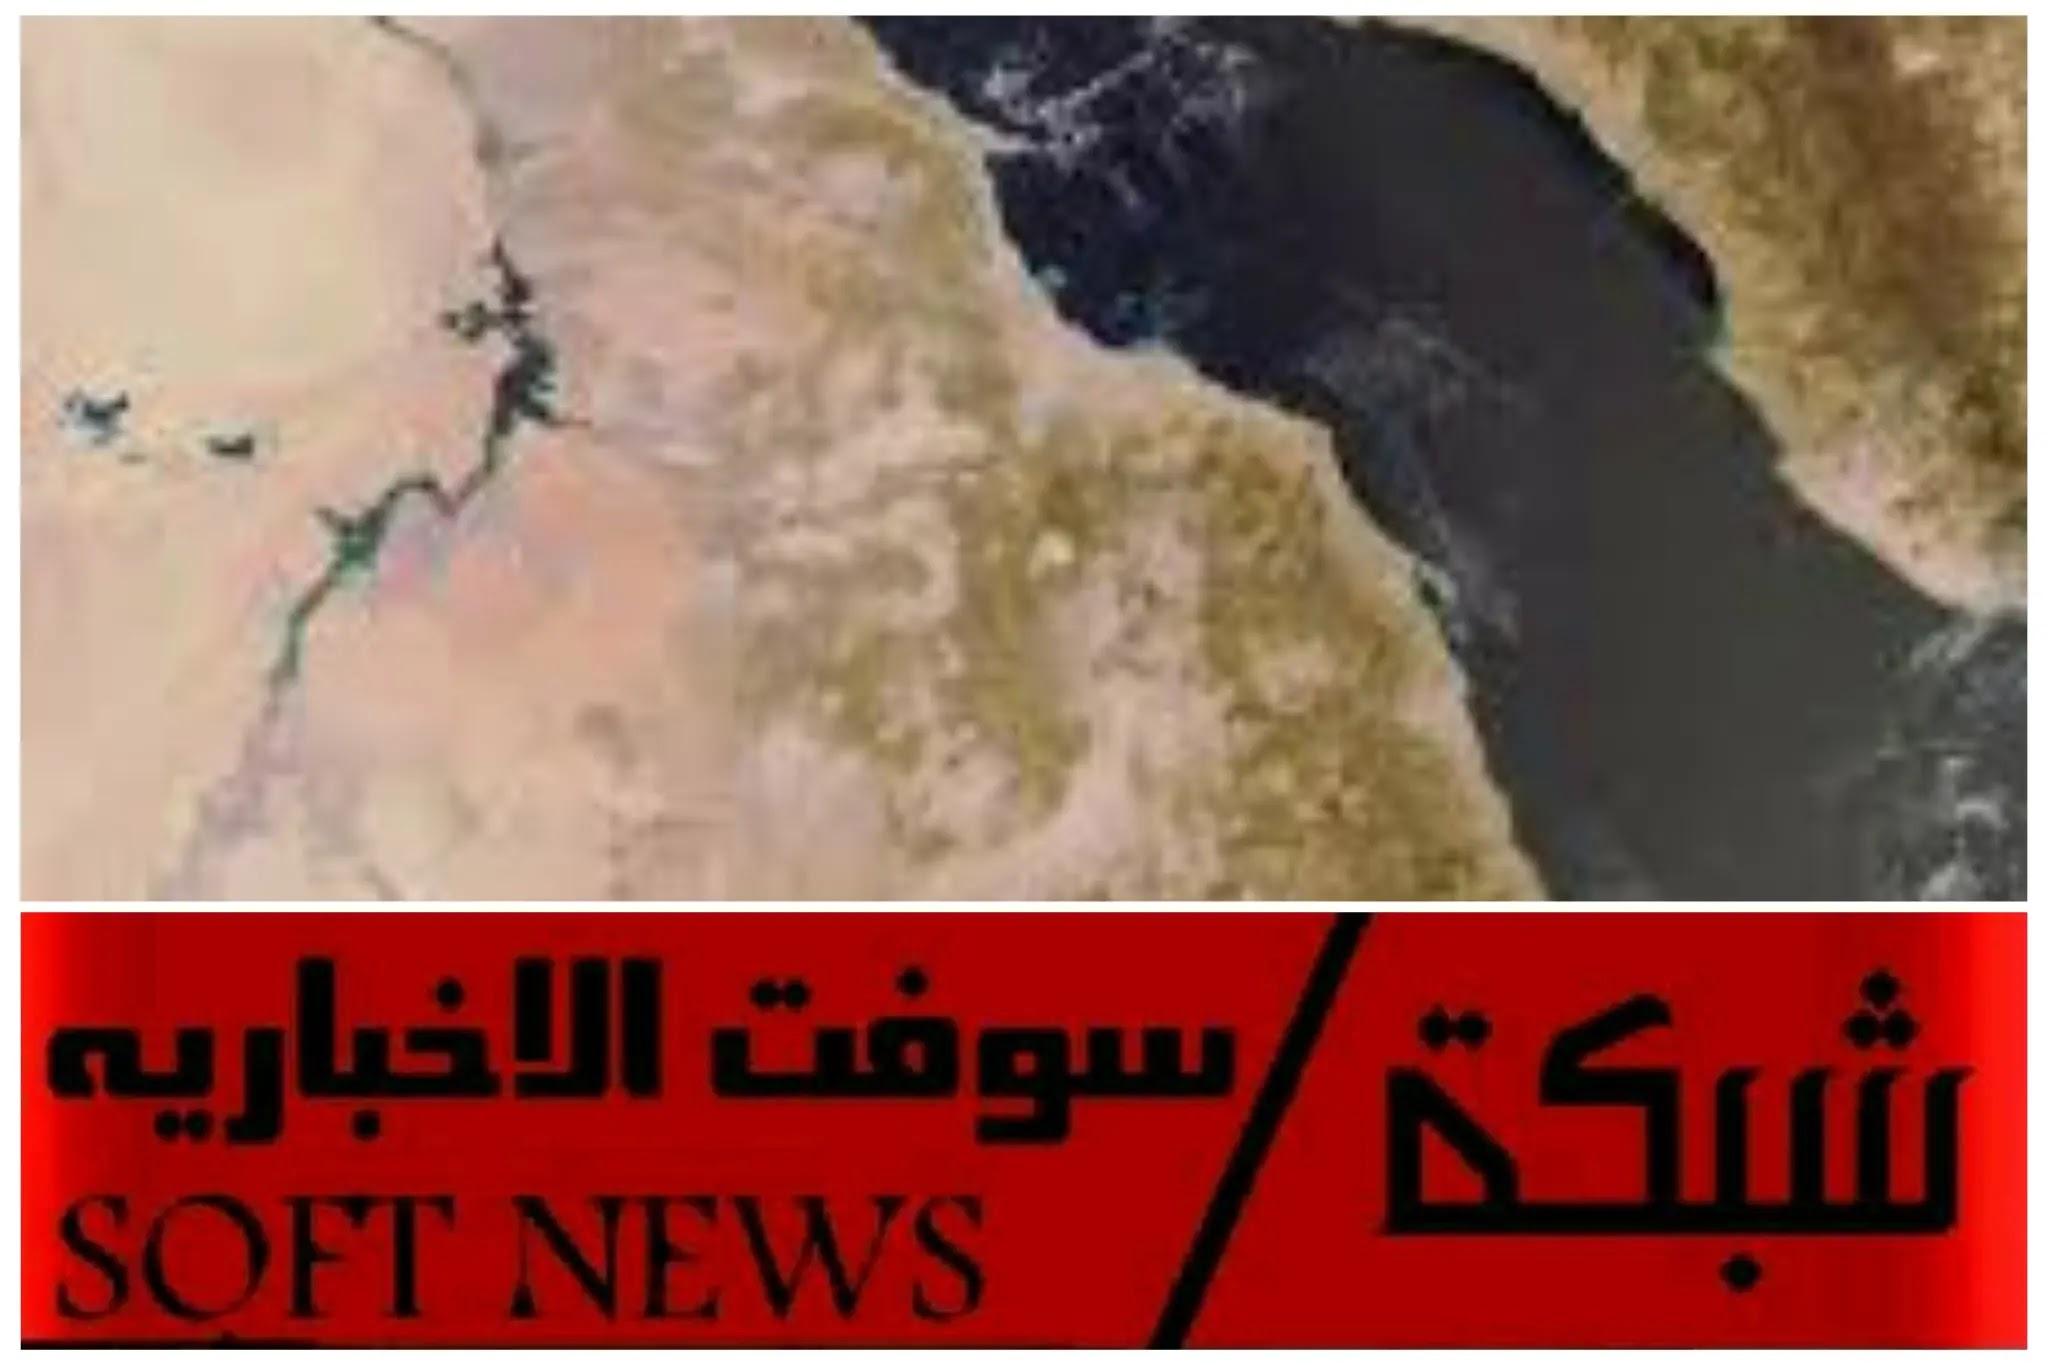 اخبار اليمن : في البحر الاحمر كارثه. اشد فظاعه من كارثه بيروت. ووشيكه الحدوث في دوله اليمن